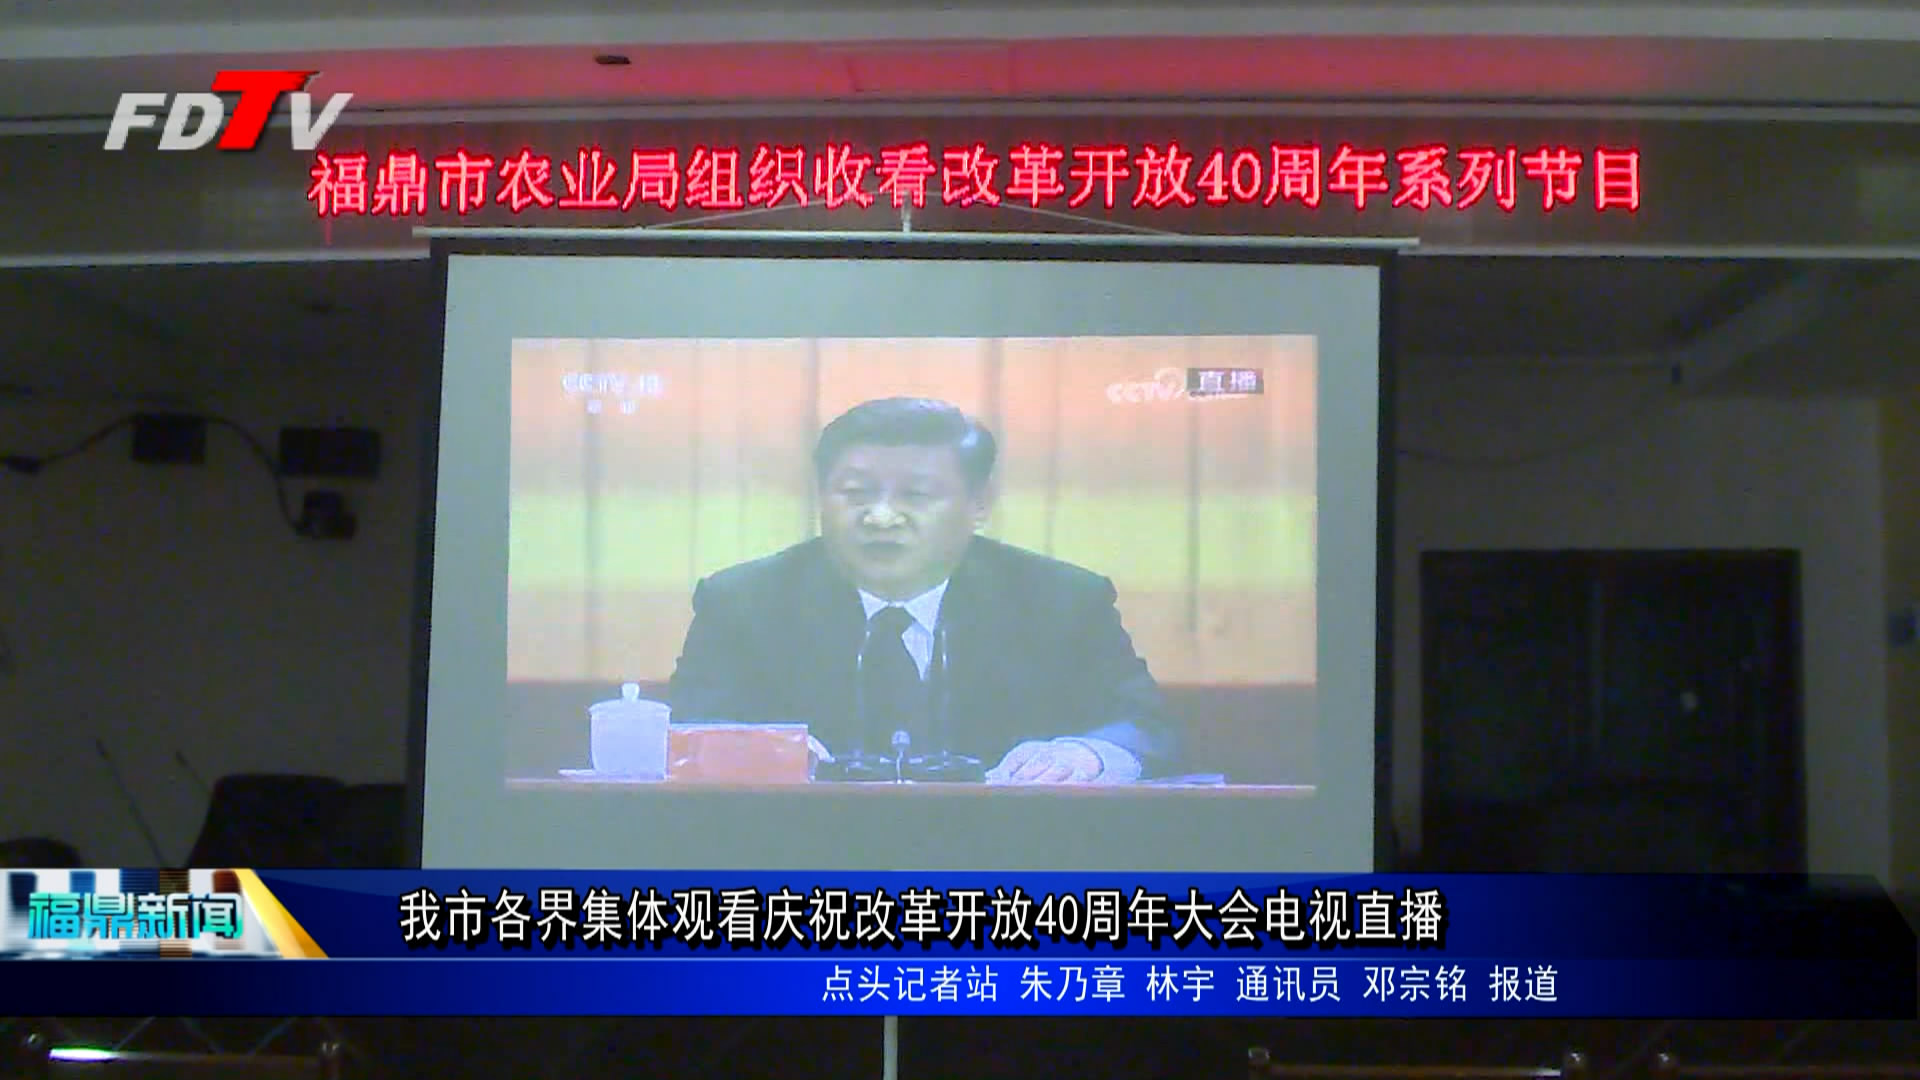 我市各界集体观看庆祝改革开放40周年大会电视直播